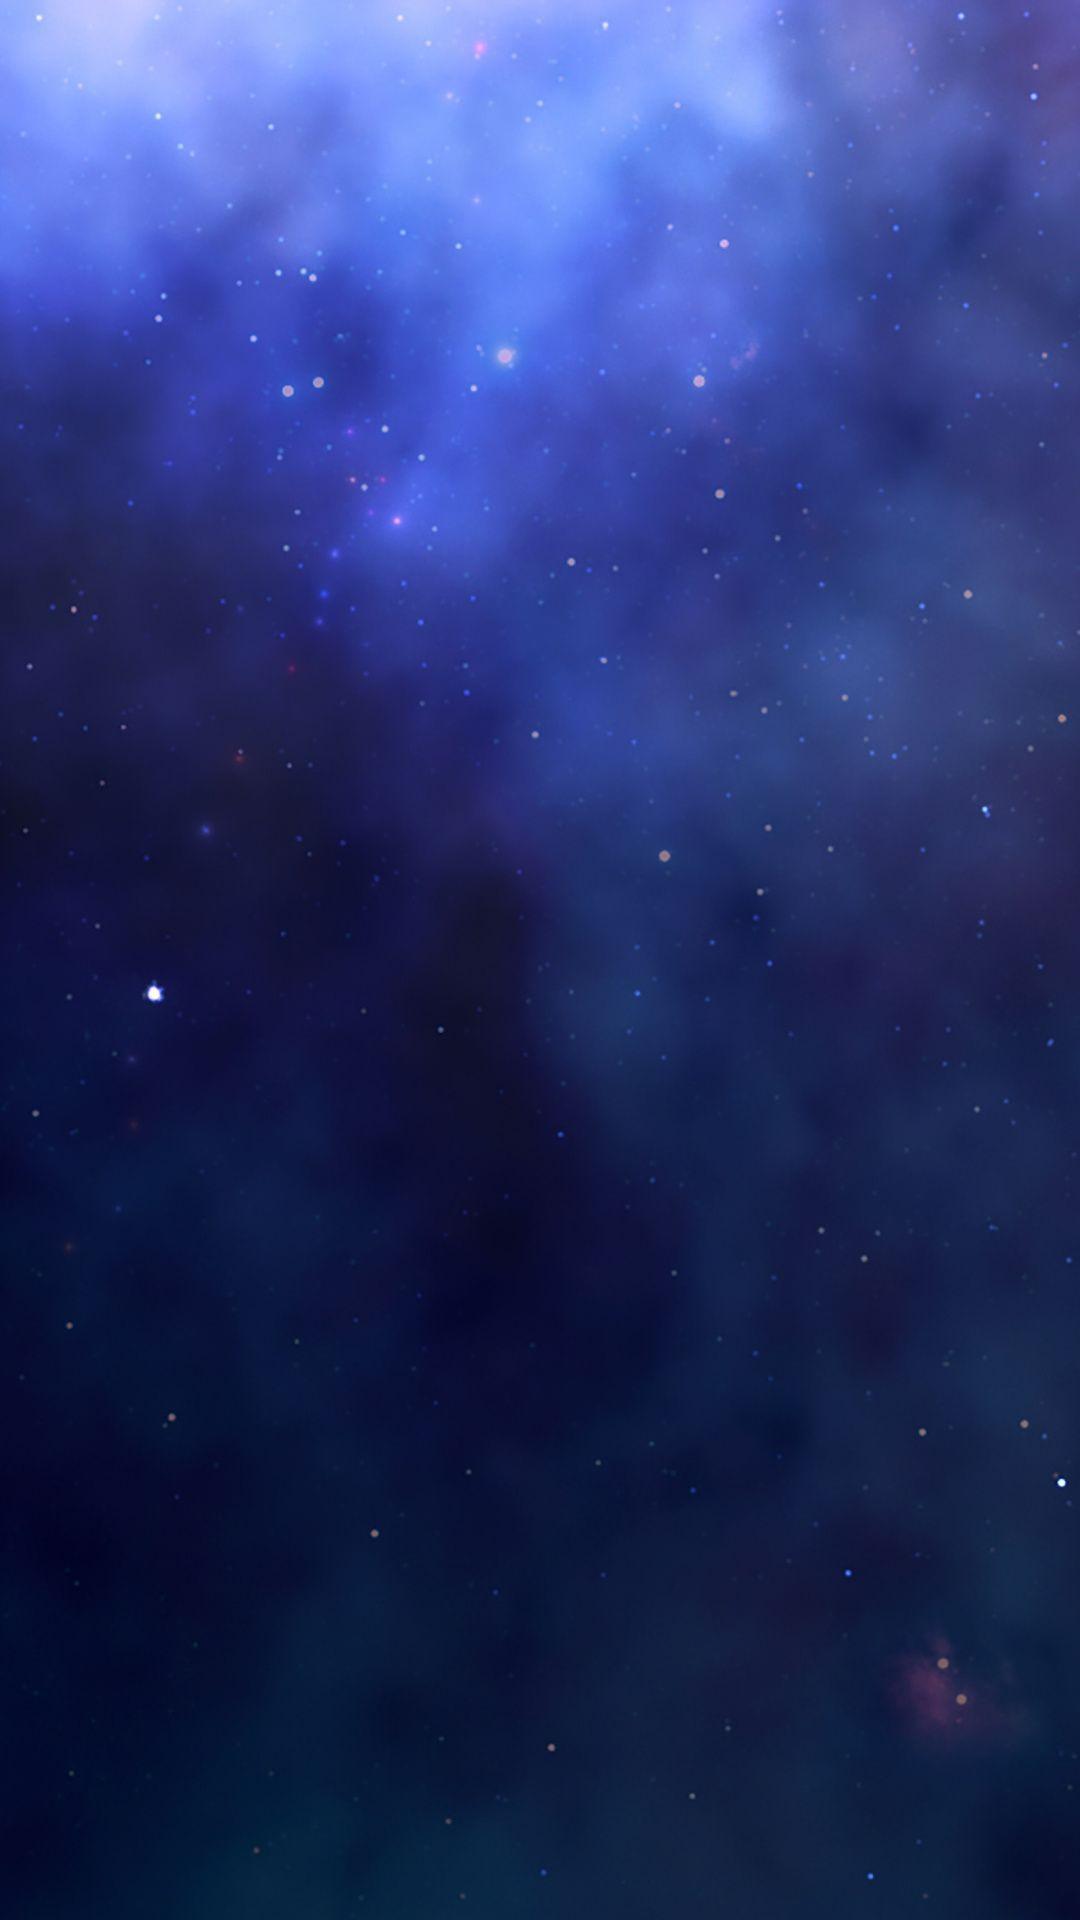 Galaxy Dark Blue Iphone Background Flip Wallpapers Download Free Wallpaper Hd In 2020 Dark Blue Wallpaper Dark Wallpaper Blue Aesthetic Dark